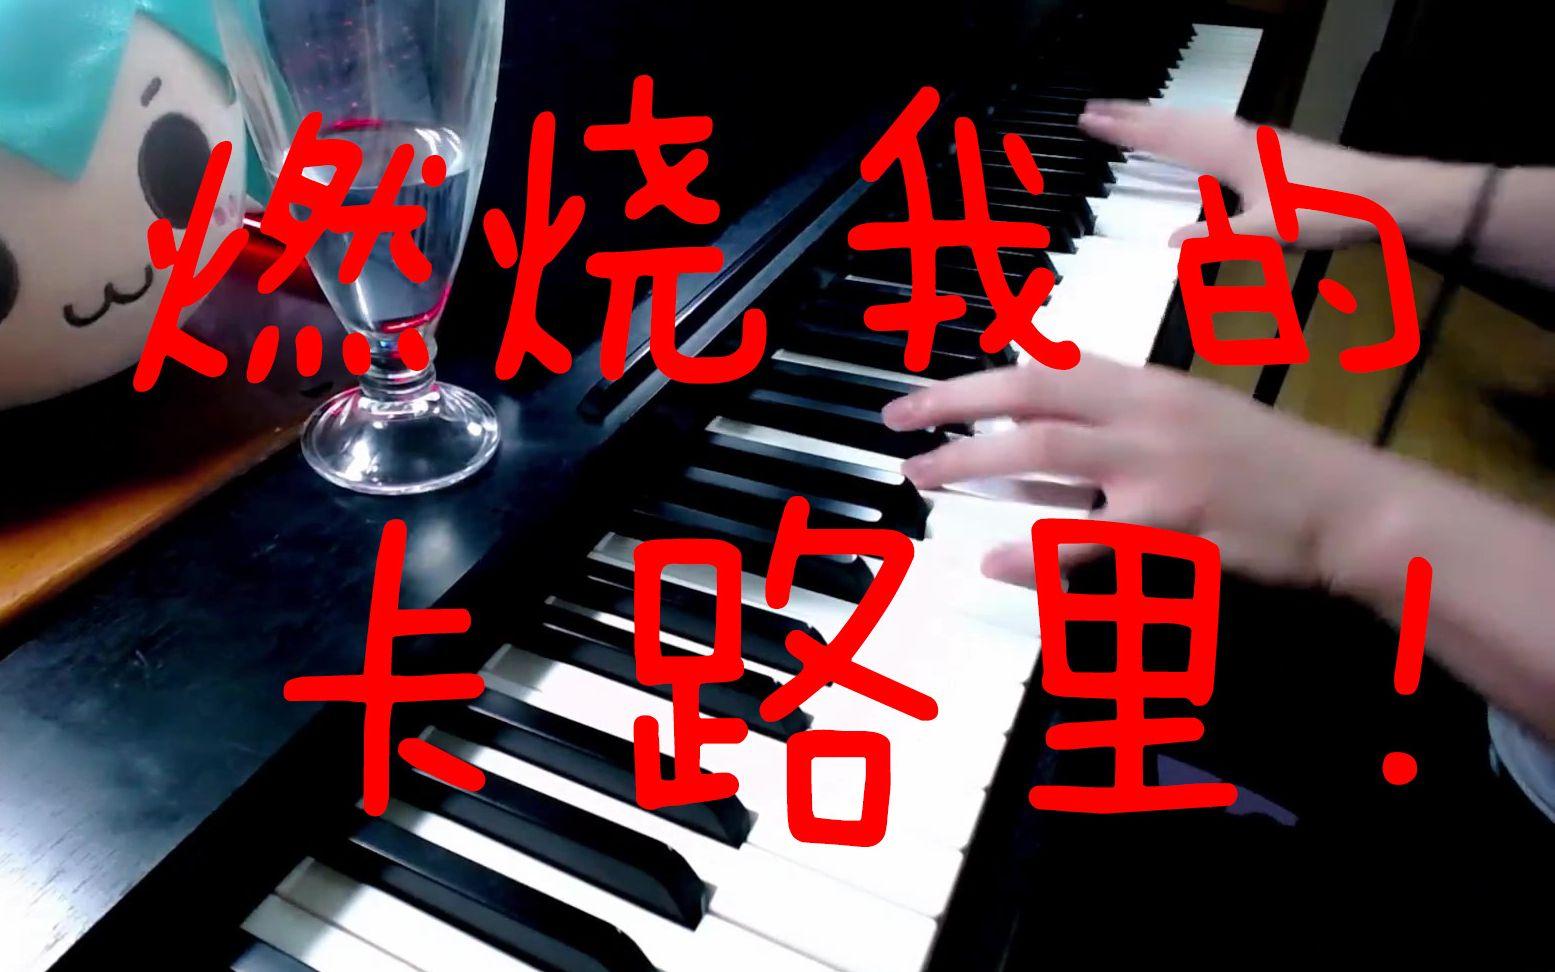 【鬼葱p】原来钢琴版的《卡路里》这么好听? 这是一种怎样的燃烧方式??